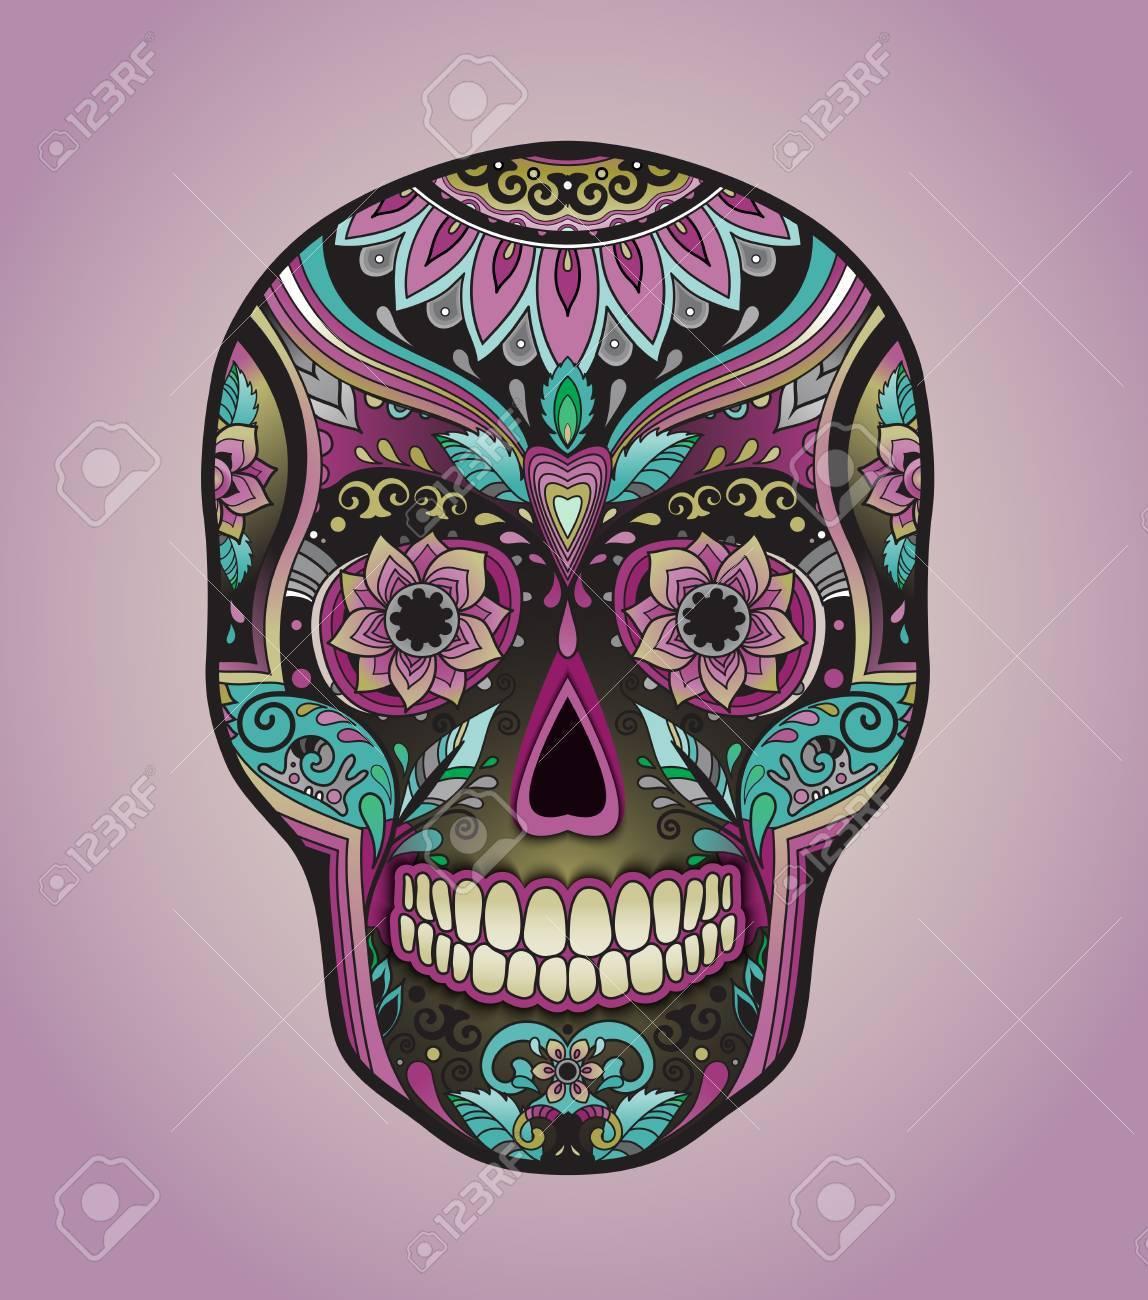 Schön Mexikanischer Totenkopf Beste Wahl Drucken Traditioneller Für T-shirt Mit Floralem Ornament